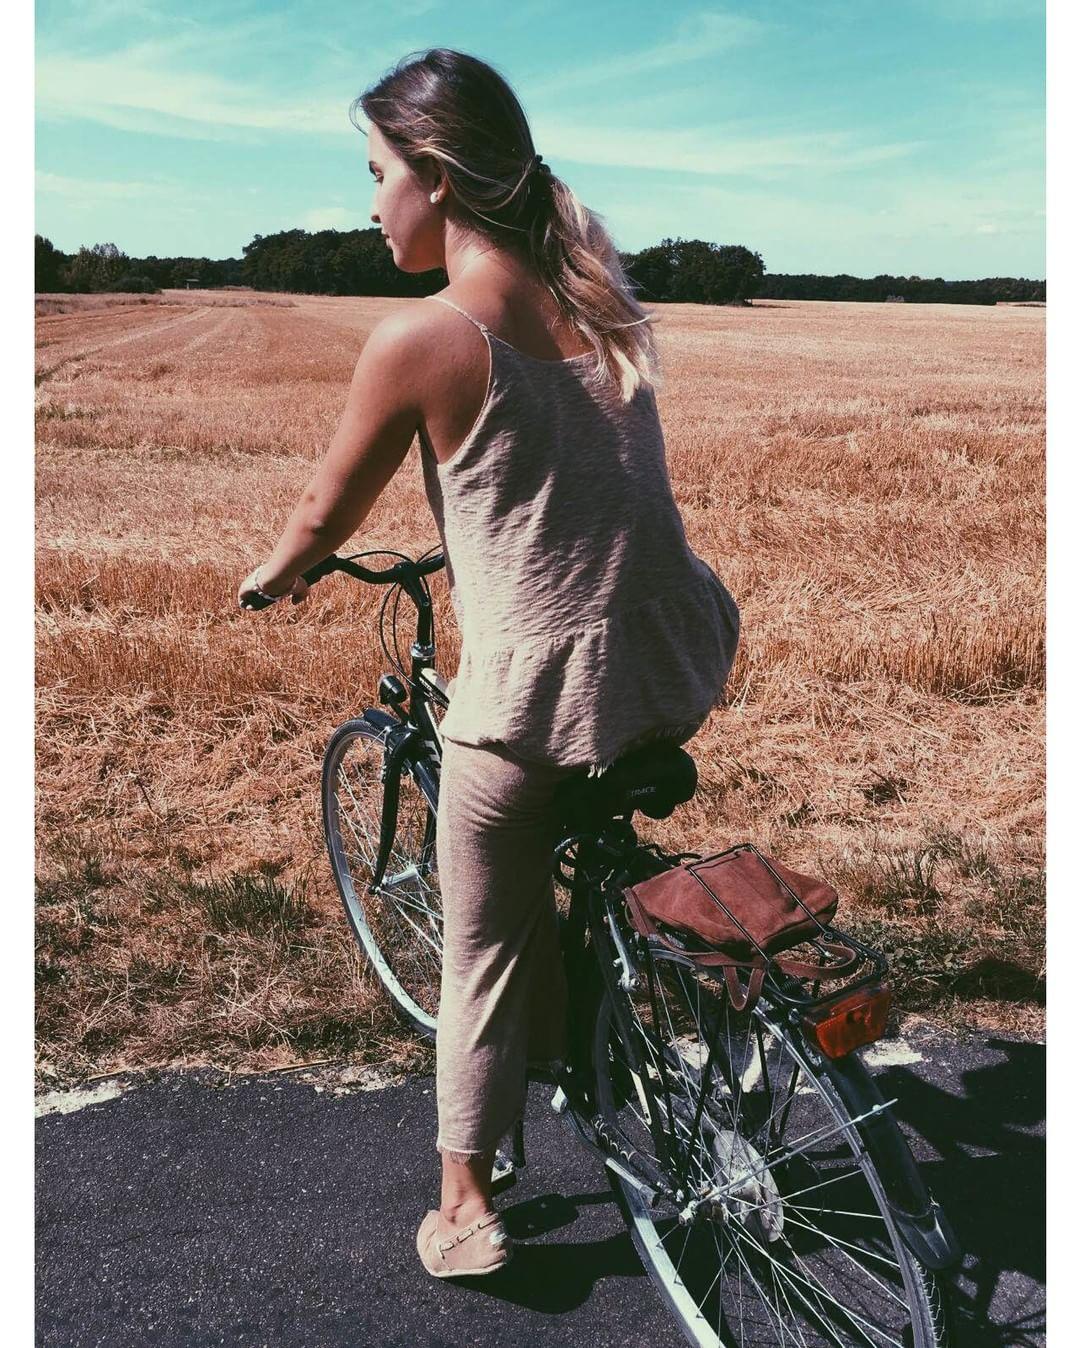 Dicen por ahí que la bicicleta es un vehículo muy curiosoy que el pasajero es su motor ✌ Biking @carlatorrentsmurcia #paez #paezshoes #paezcommunity paez.com / paez.